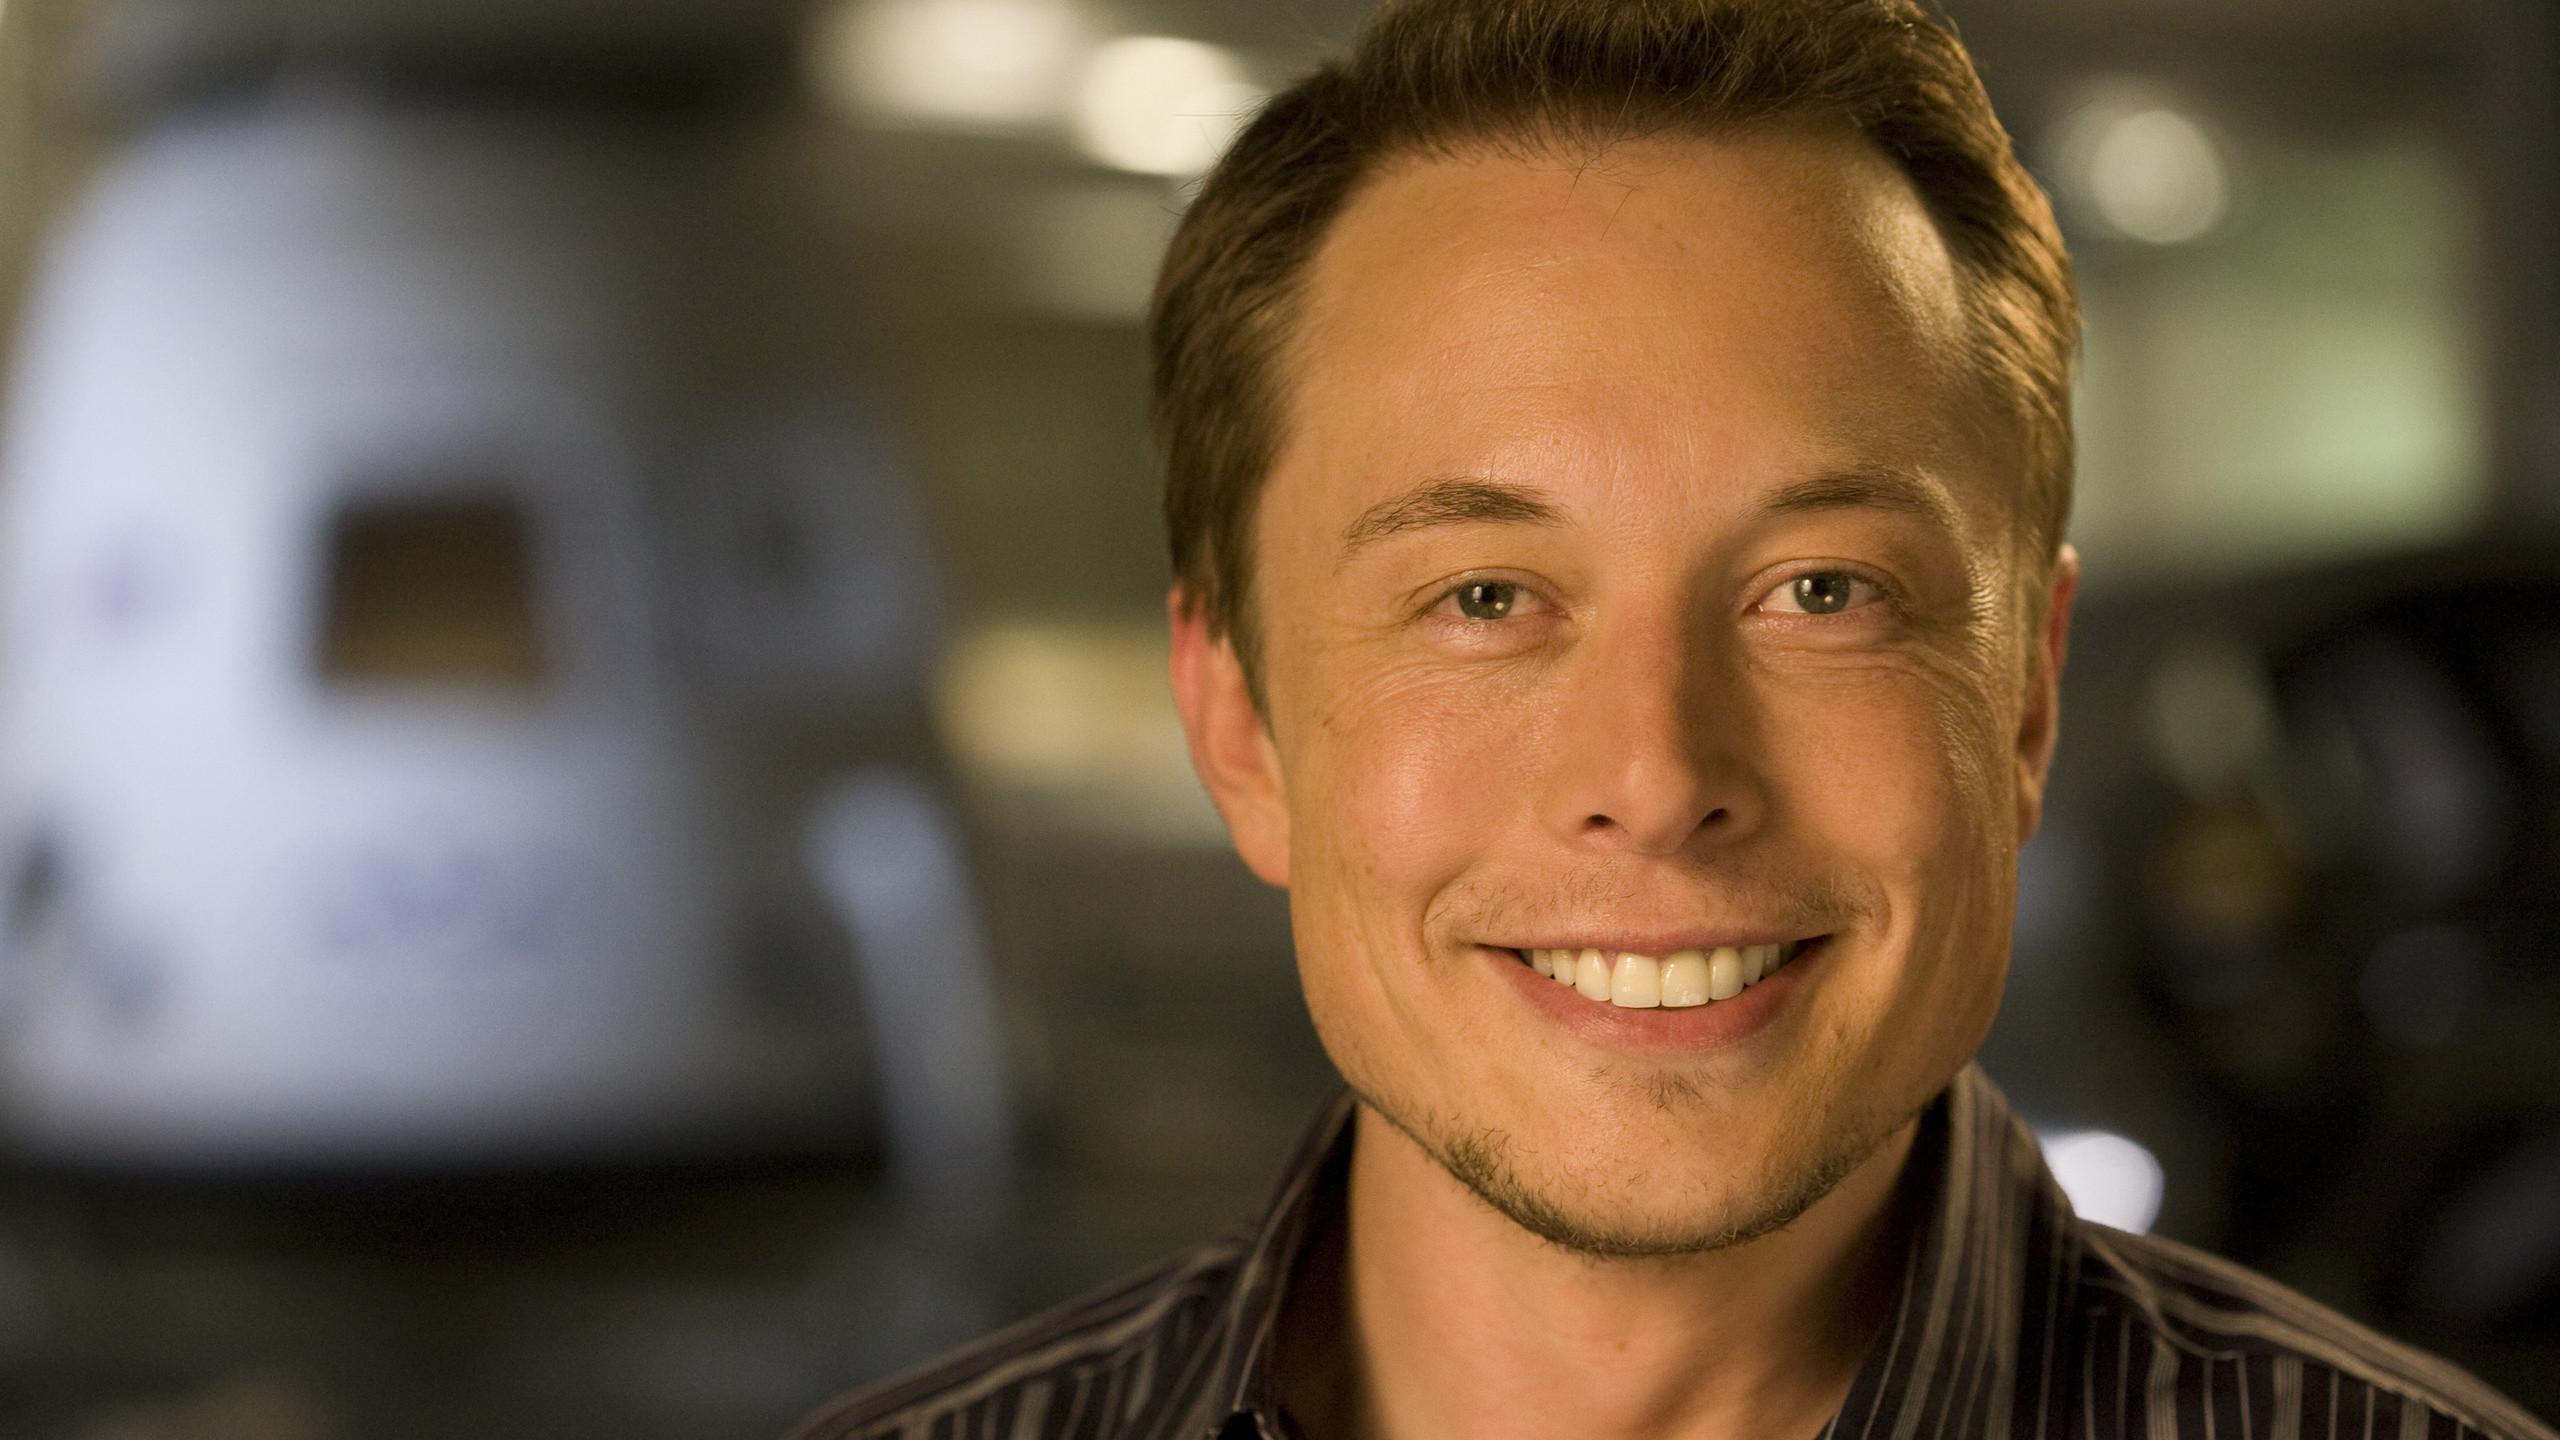 Elon Musk Wallpapers